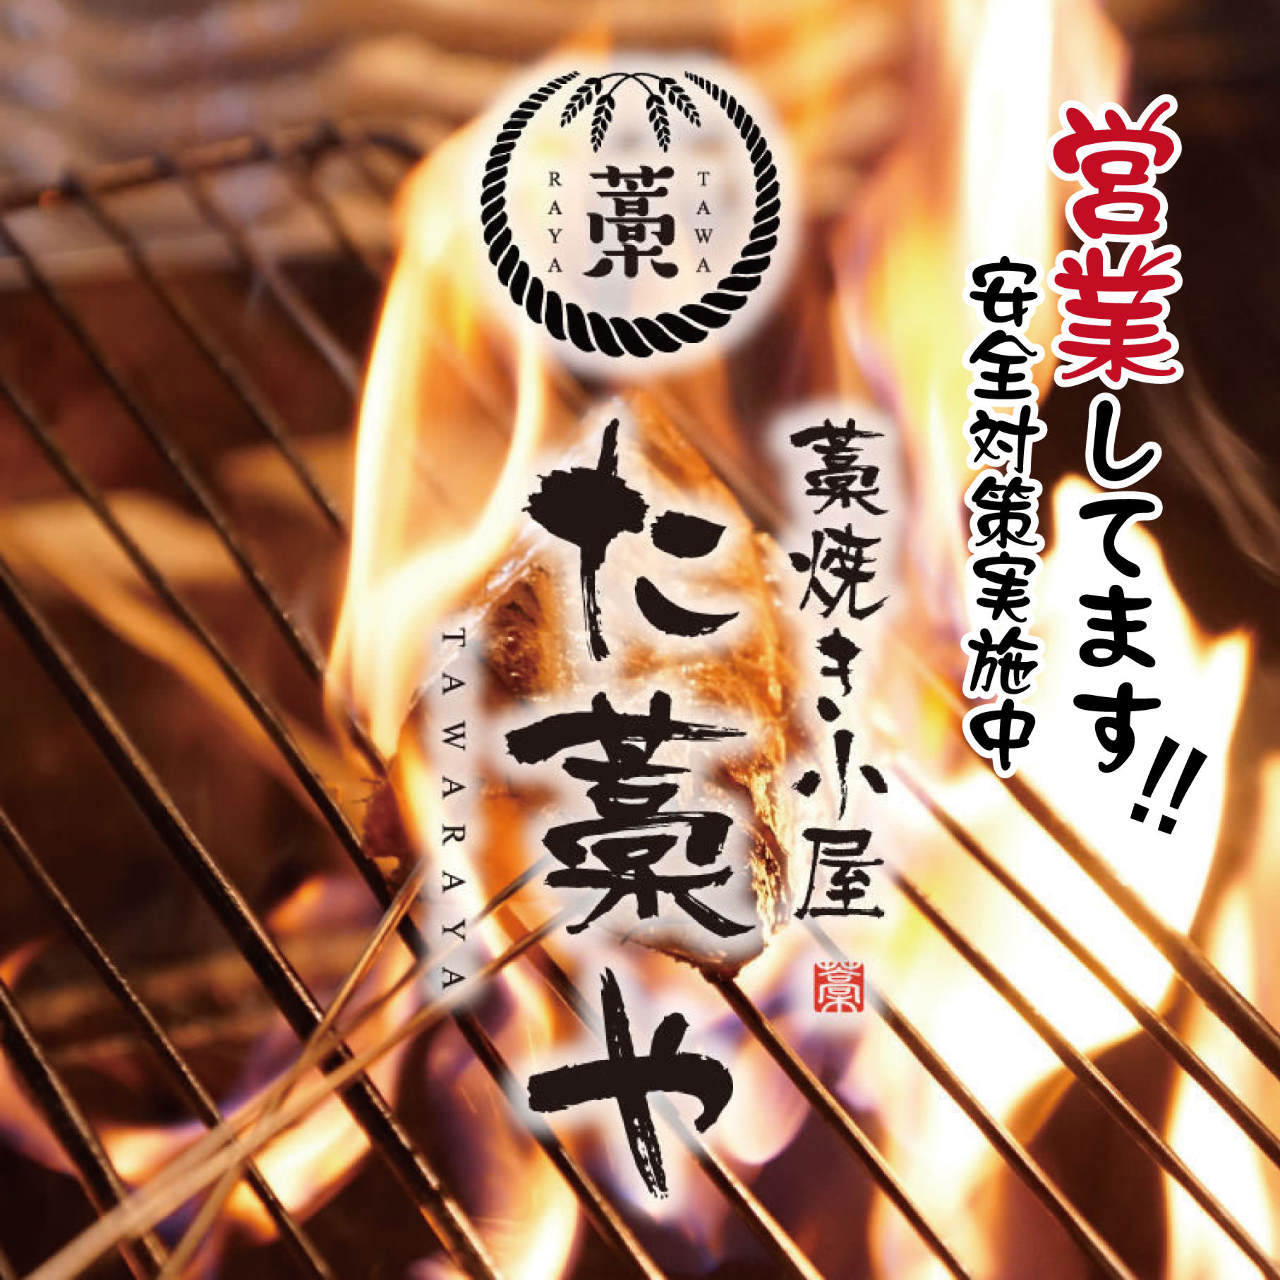 個室 藁焼き小屋 た藁や〜たわらや〜 伏見桃山店